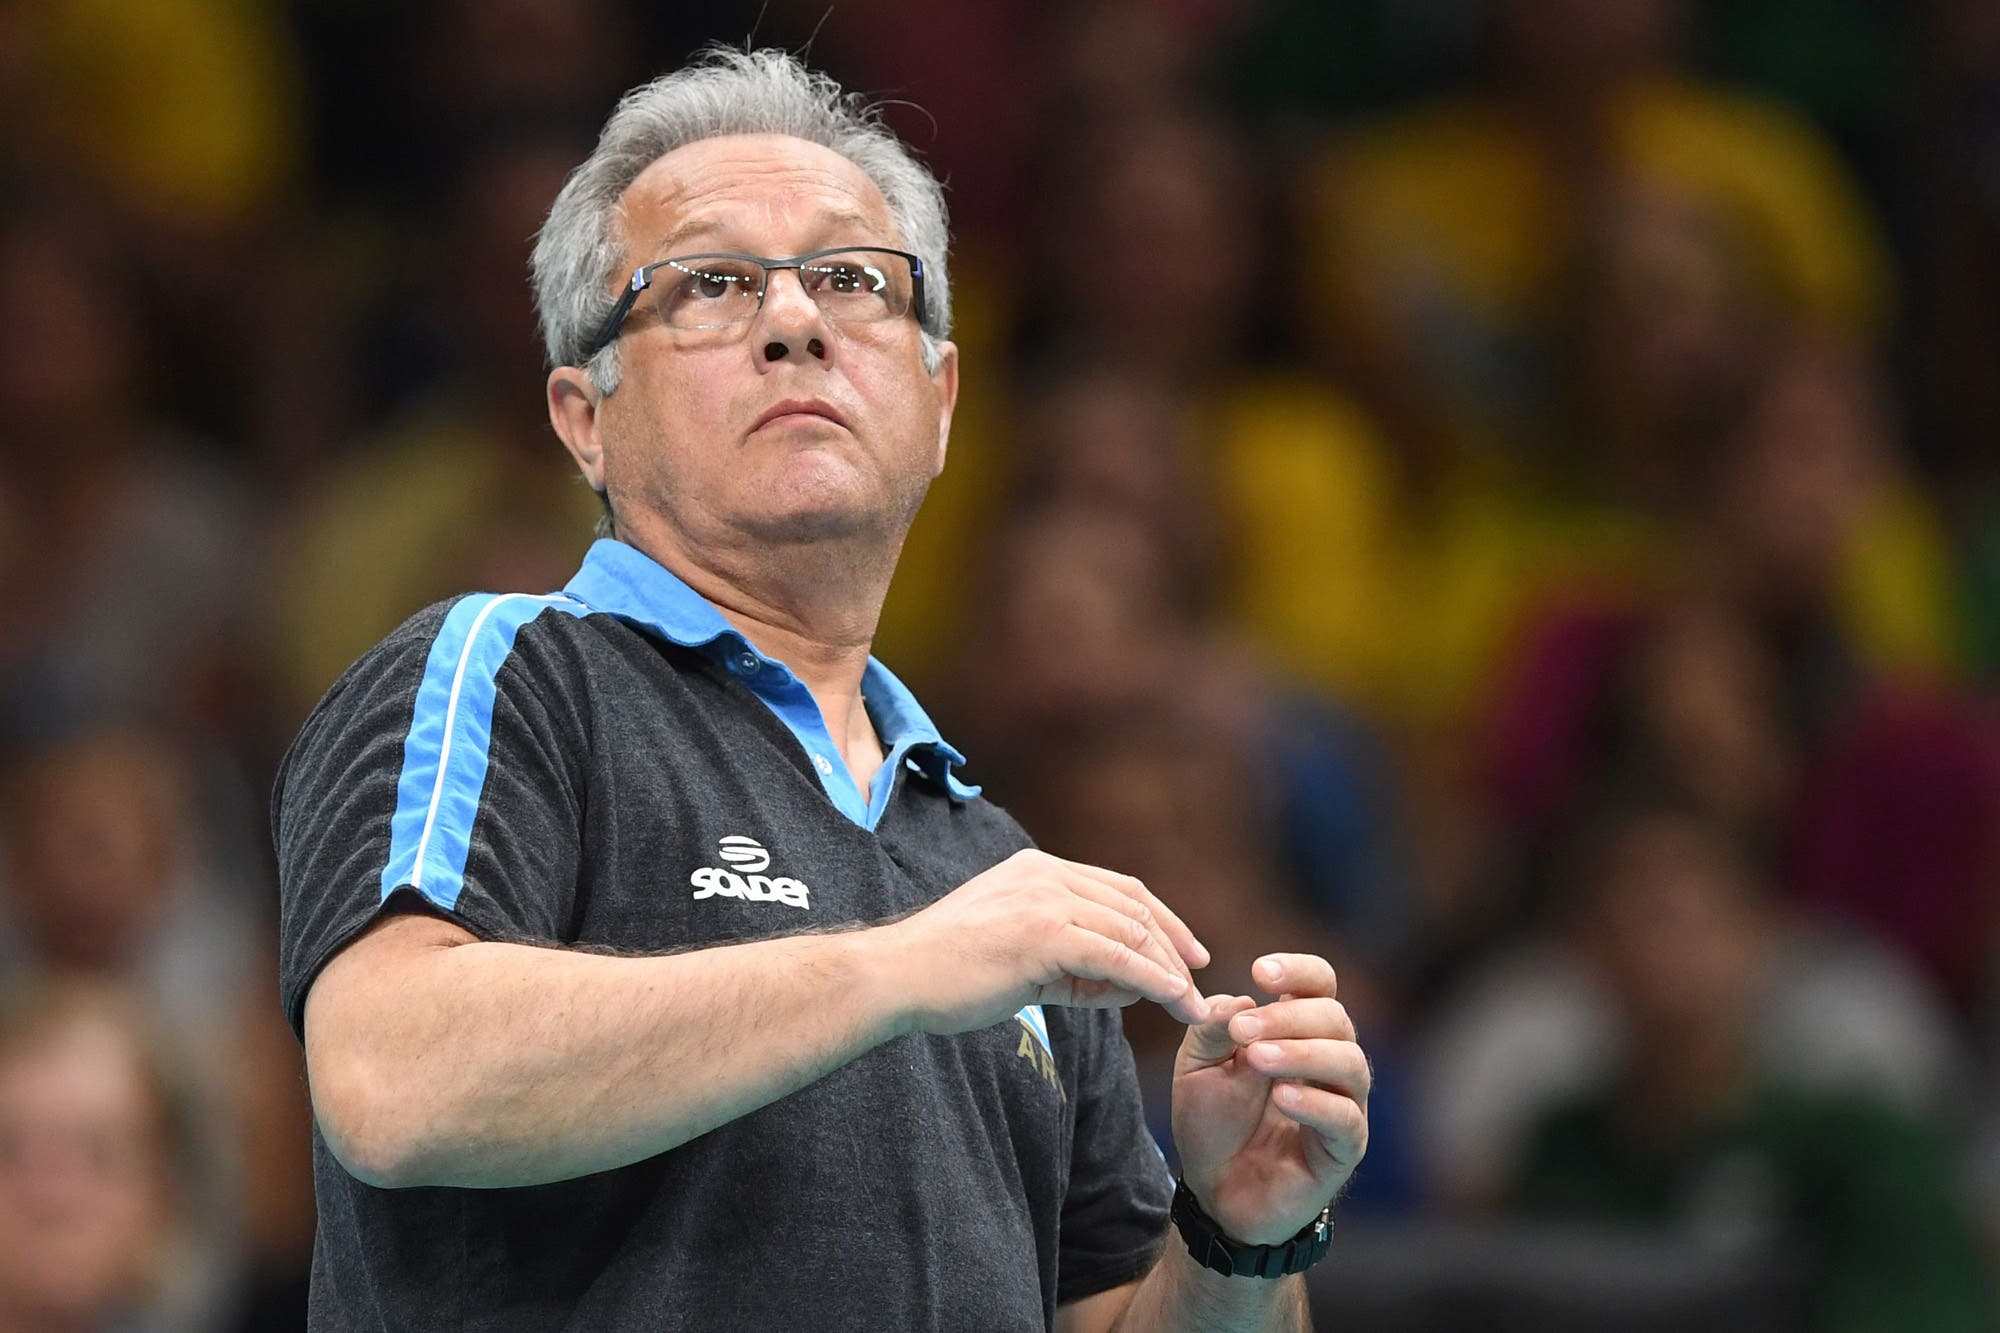 Julio Velasco anunció su retiro como entrenador de voleibol: una carrera llena de éxitos